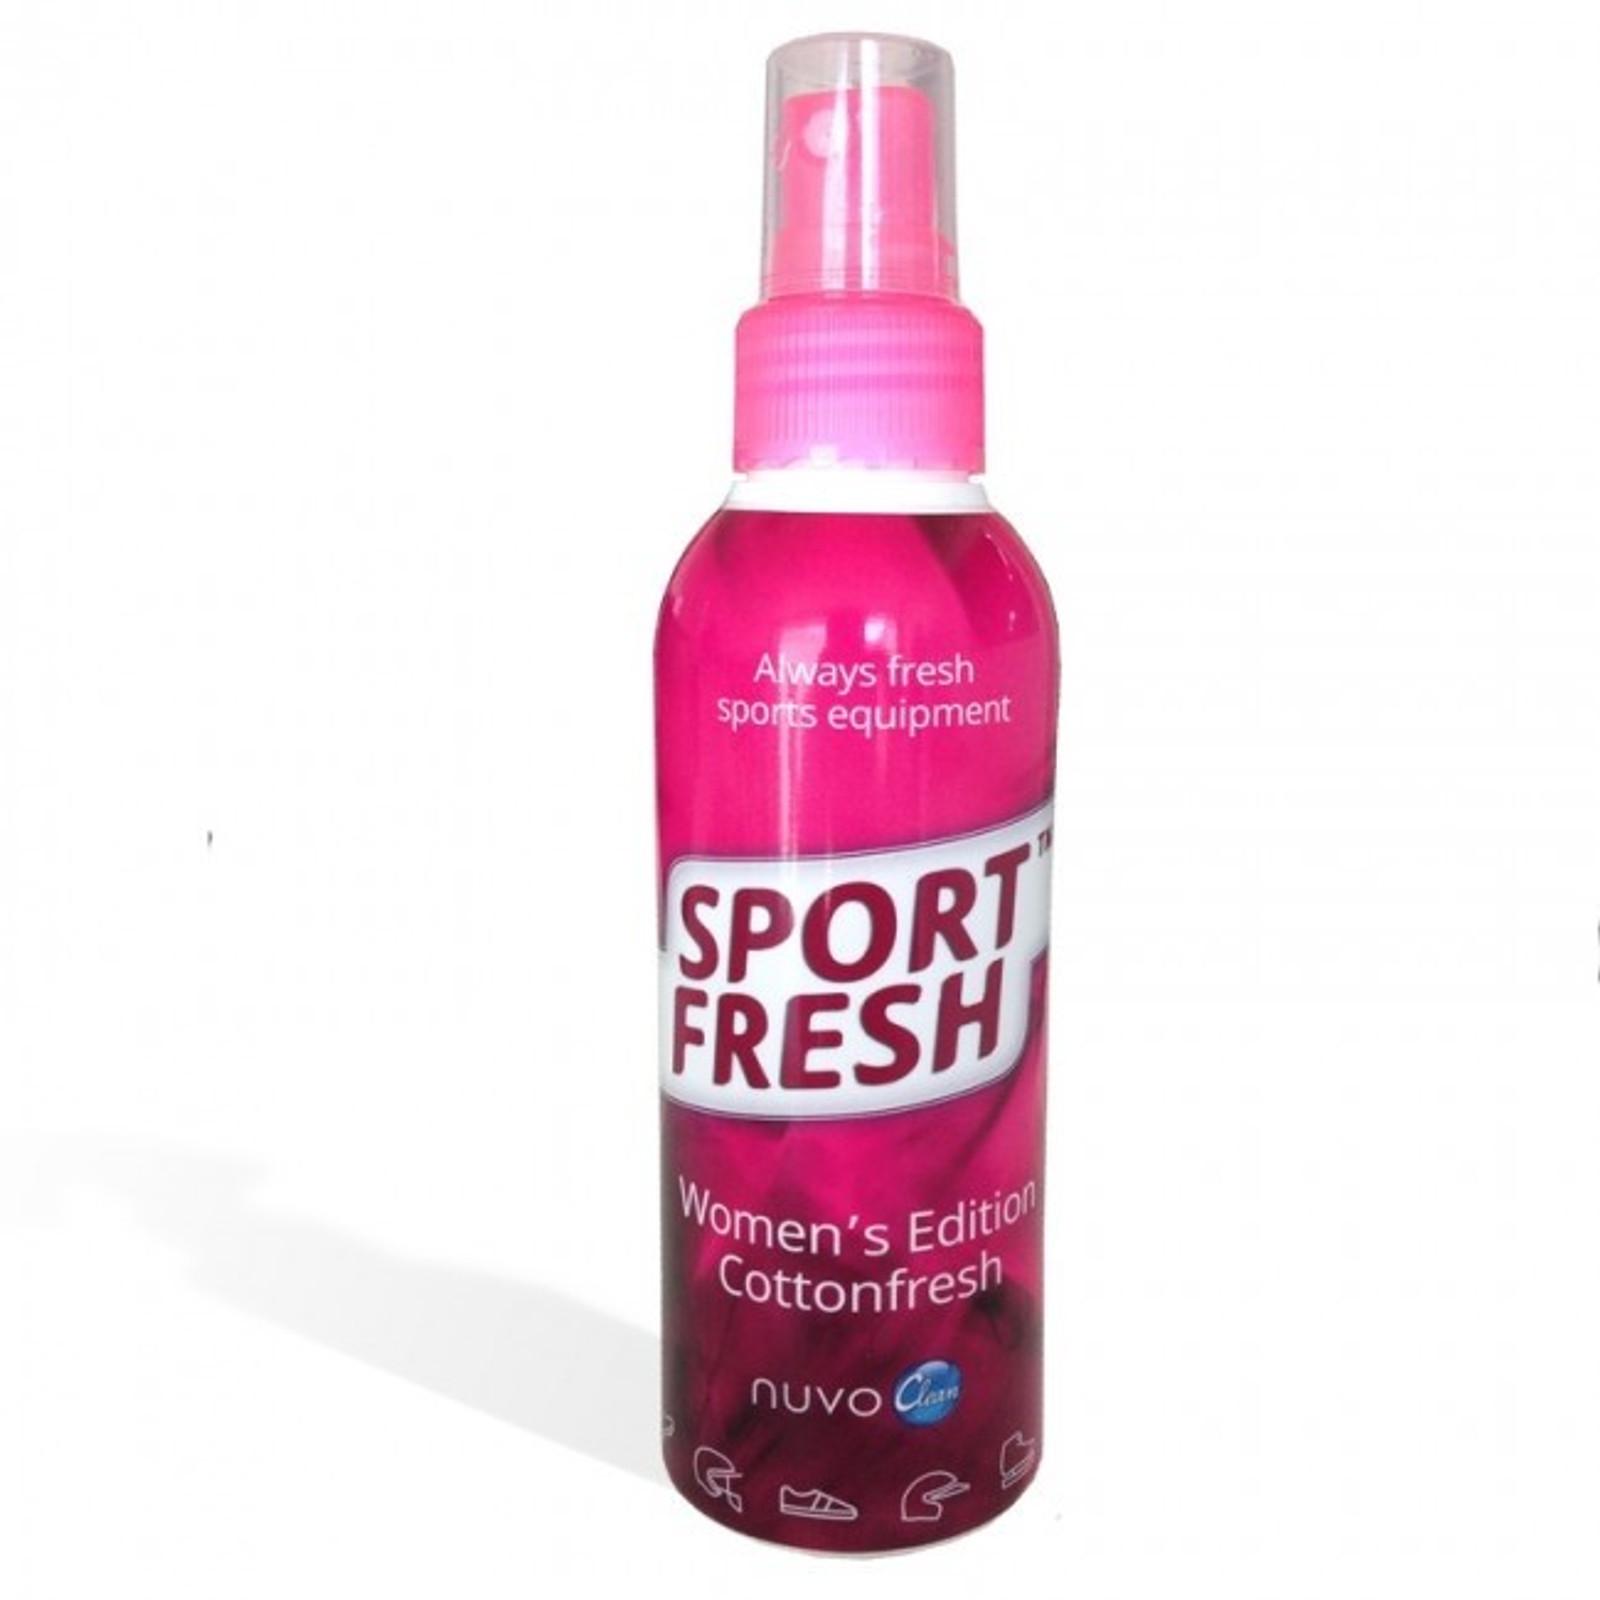 NuvoClean SportFresh Hygienespray Equipment Women's Edition Cottonfresh